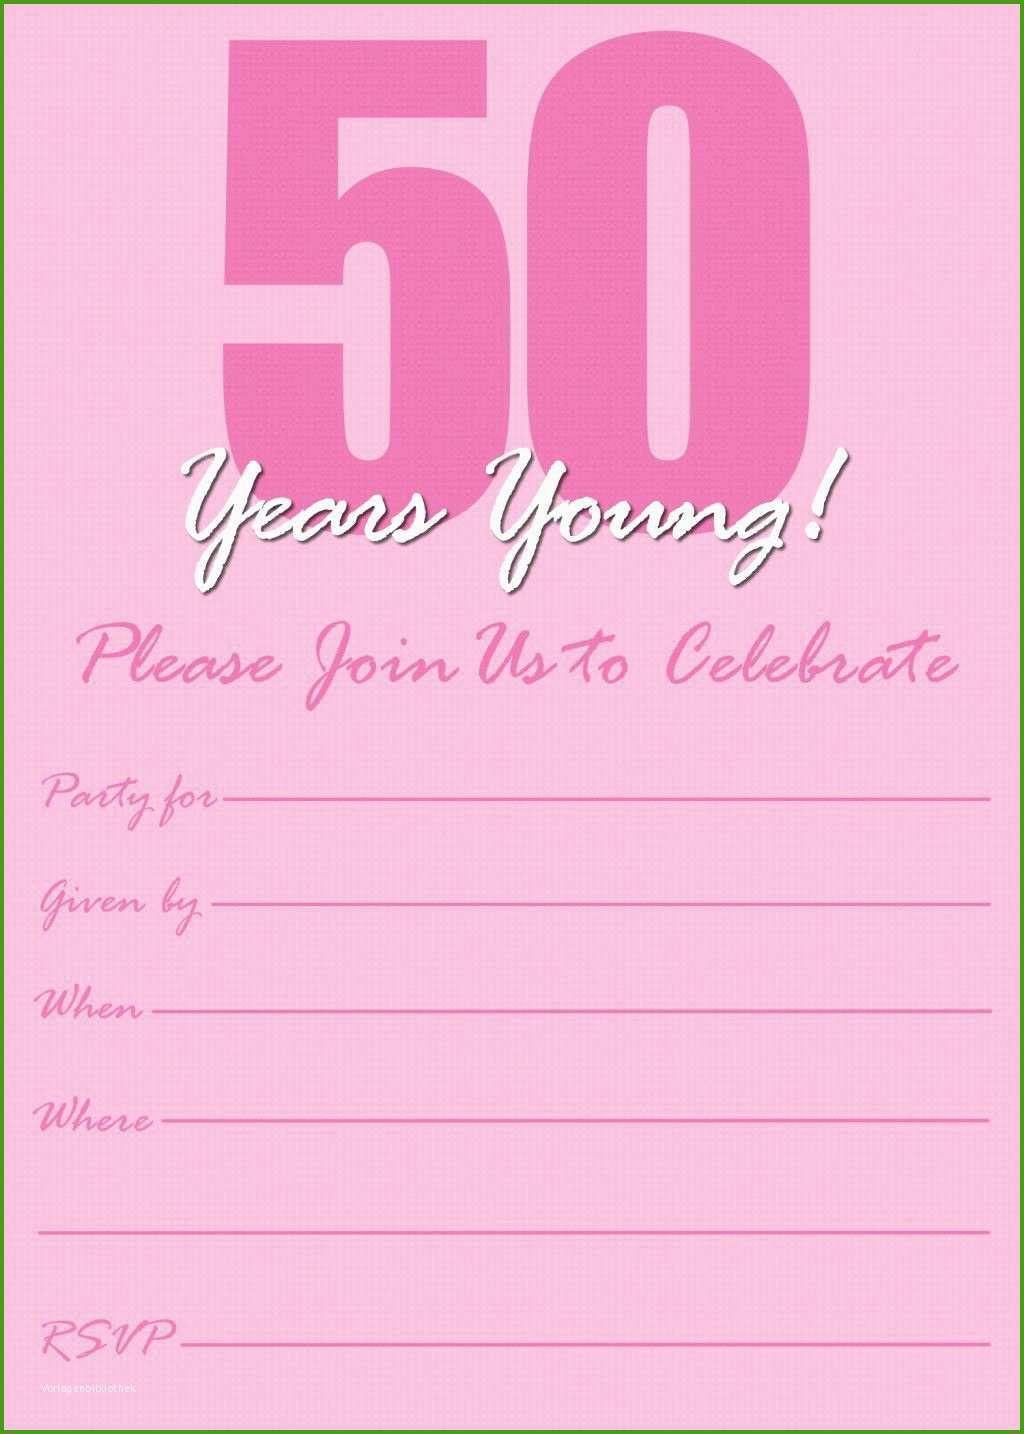 Einladung Zum 50 Geburtstag Vorlagen